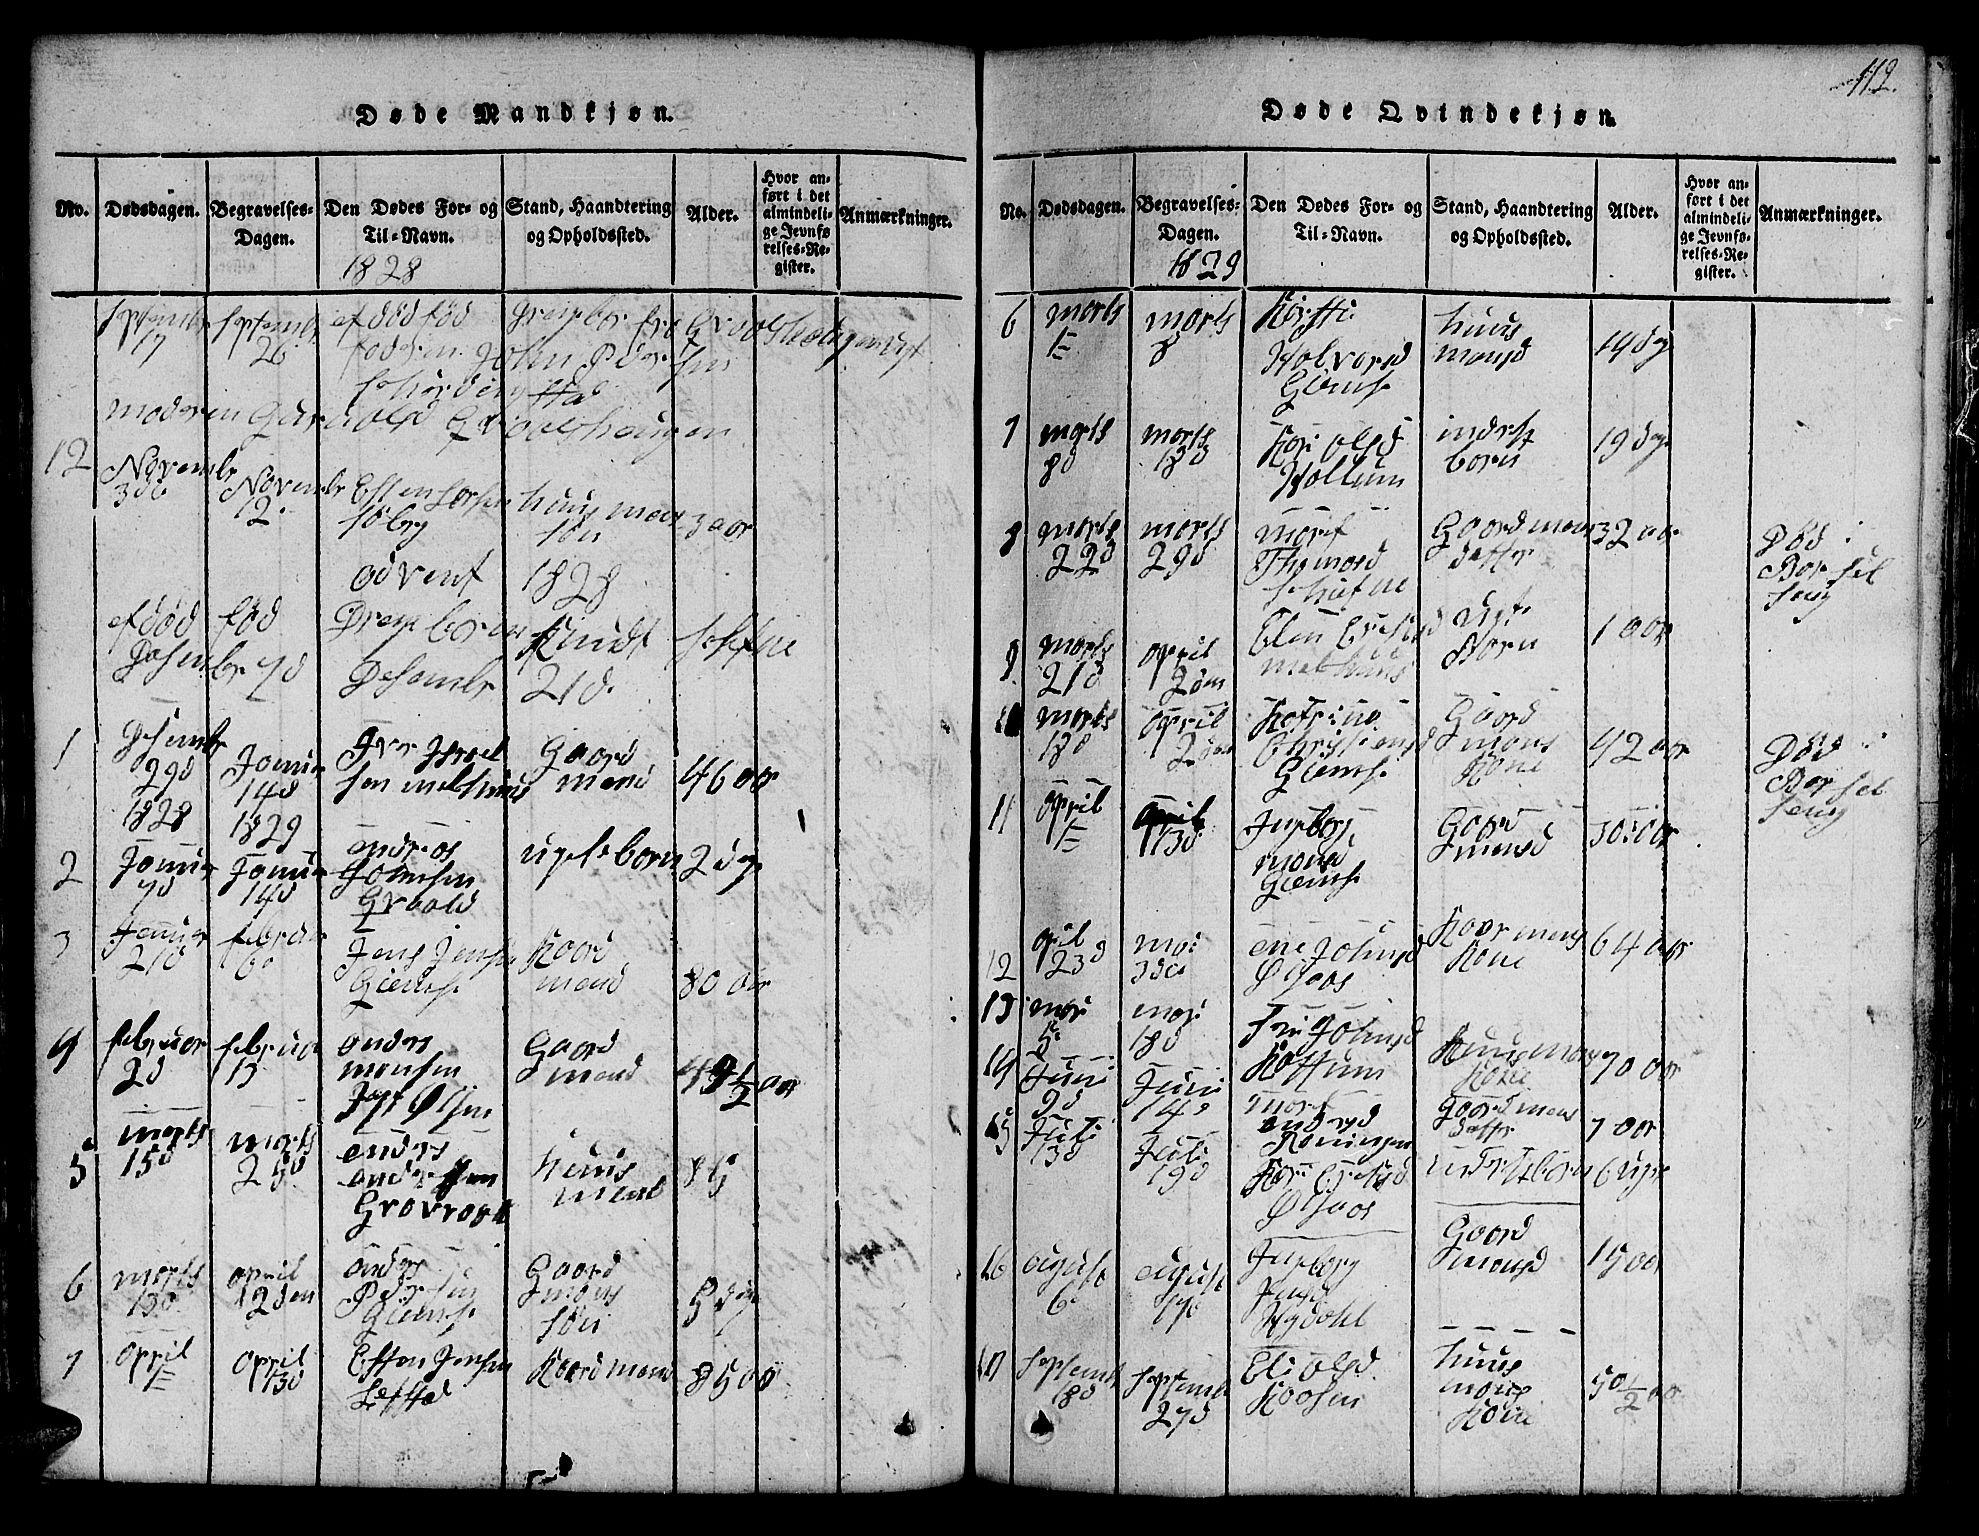 SAT, Ministerialprotokoller, klokkerbøker og fødselsregistre - Sør-Trøndelag, 691/L1092: Klokkerbok nr. 691C03, 1816-1852, s. 112